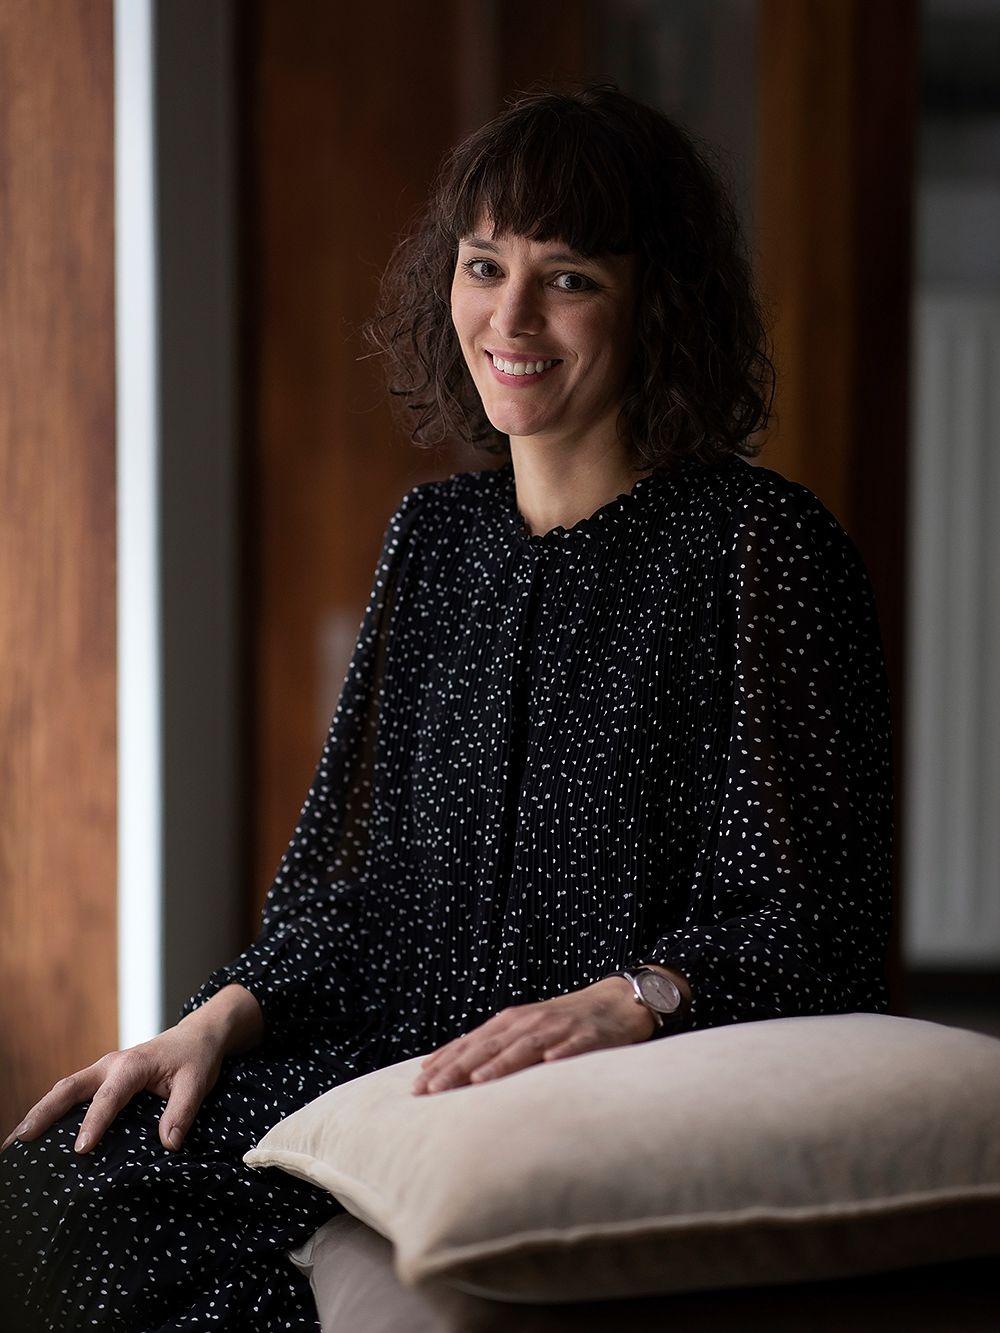 Elli Lehnoff of Matri